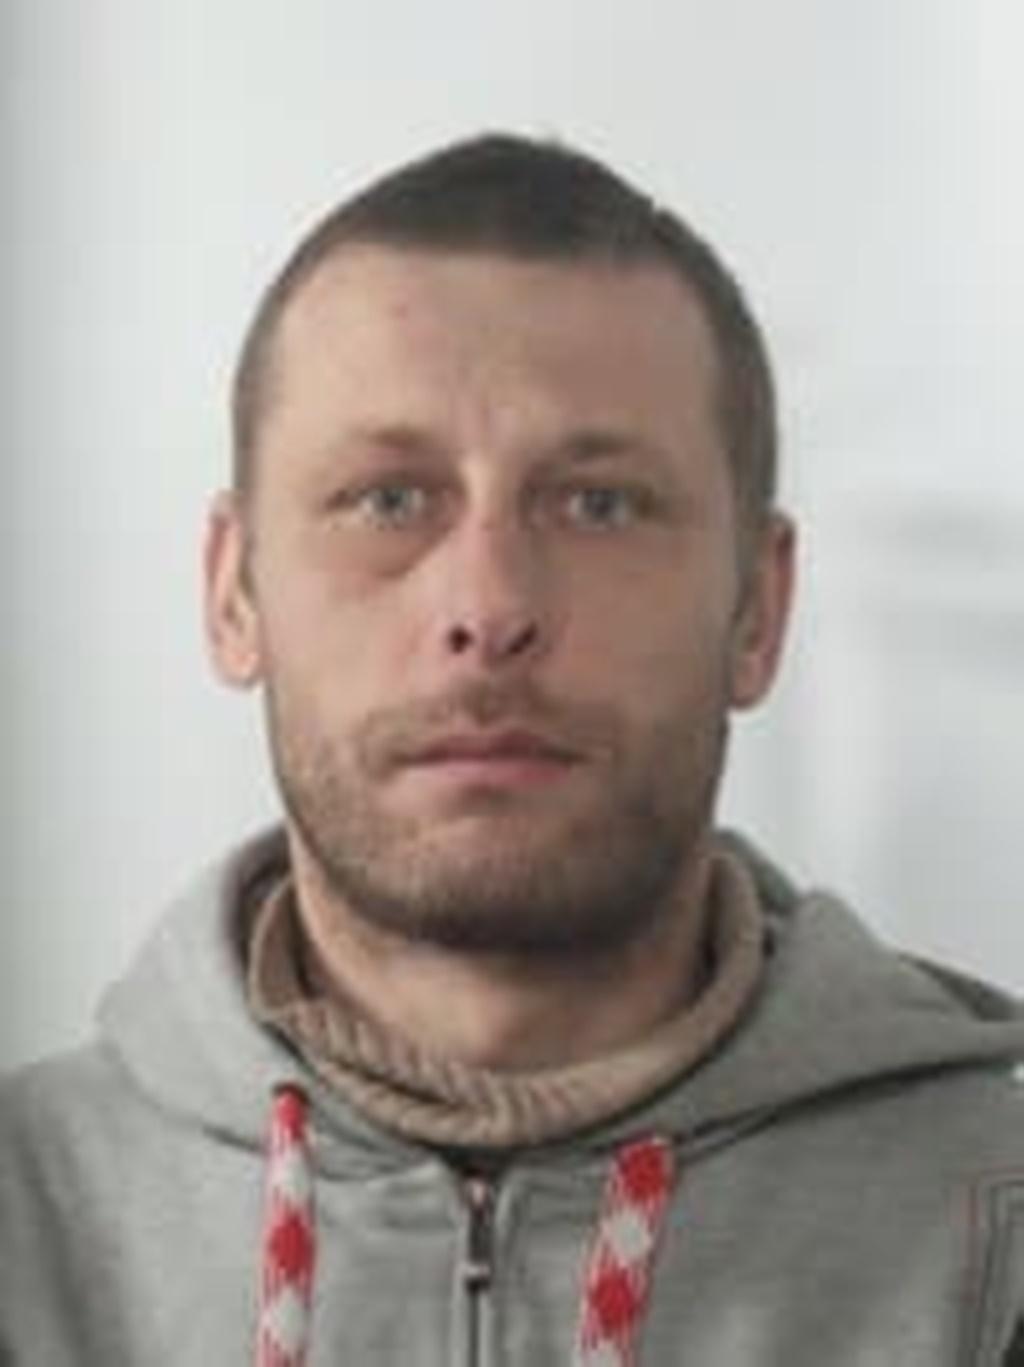 Zaginiony Mariusz Sindera - fot. archiwum prywatne